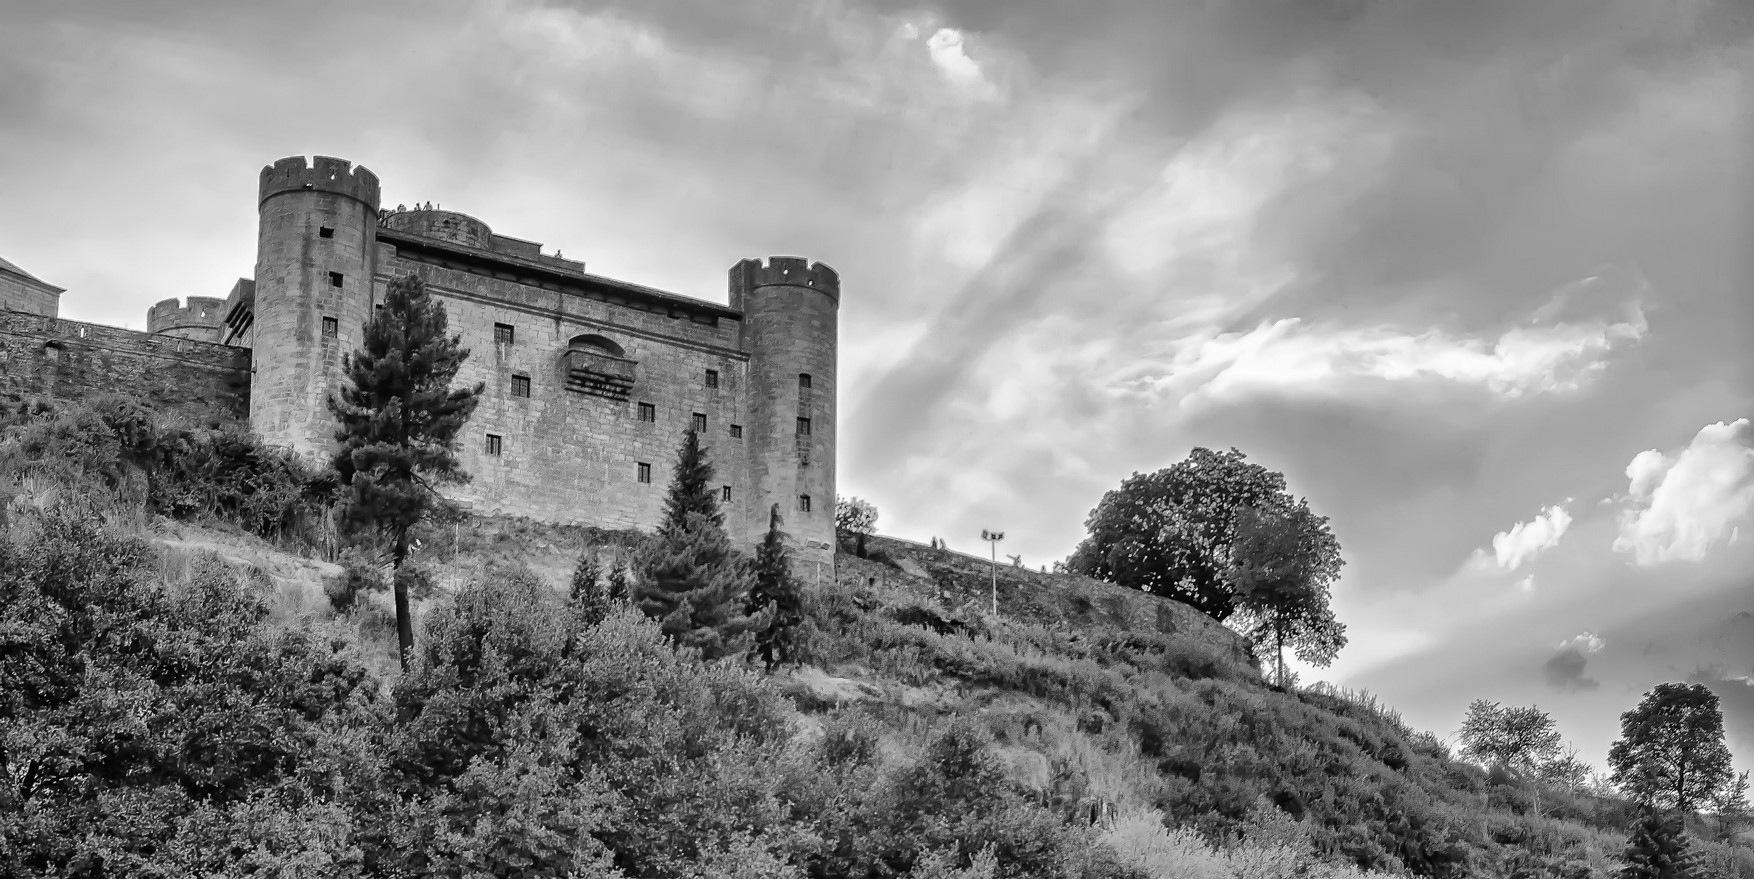 Castillo de Puebla de Sanabria (Zamora) by julio rubio